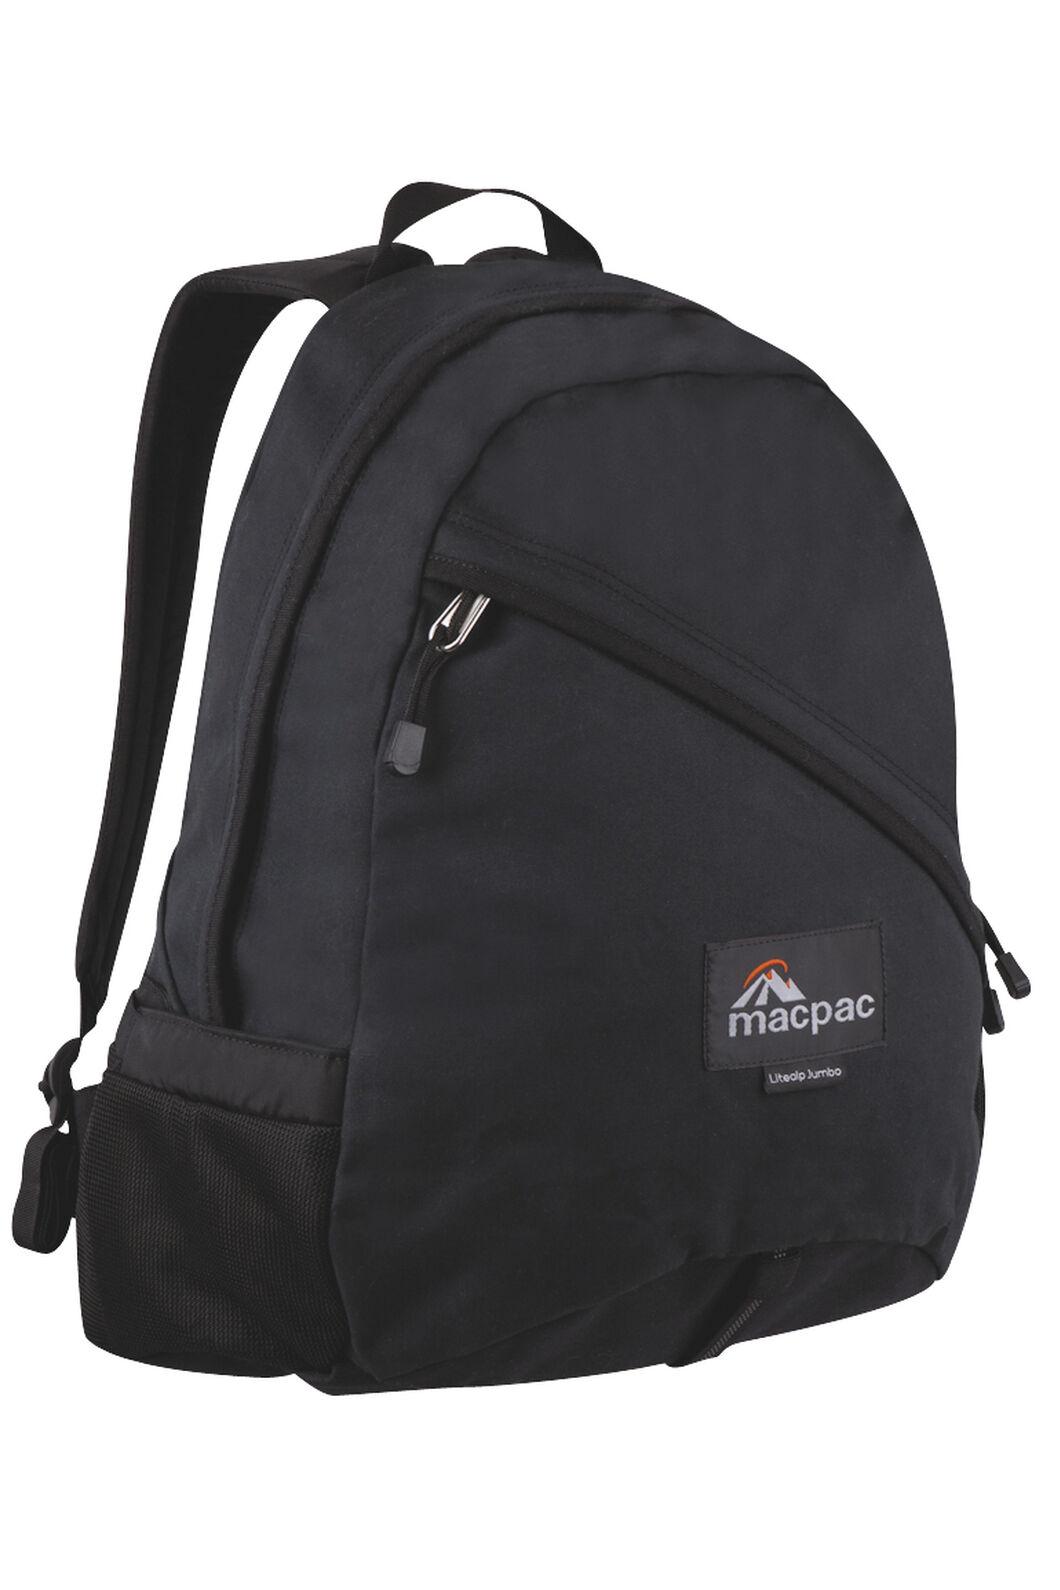 Macpac Litealp 30L AzTec® Backpack, Black, hi-res